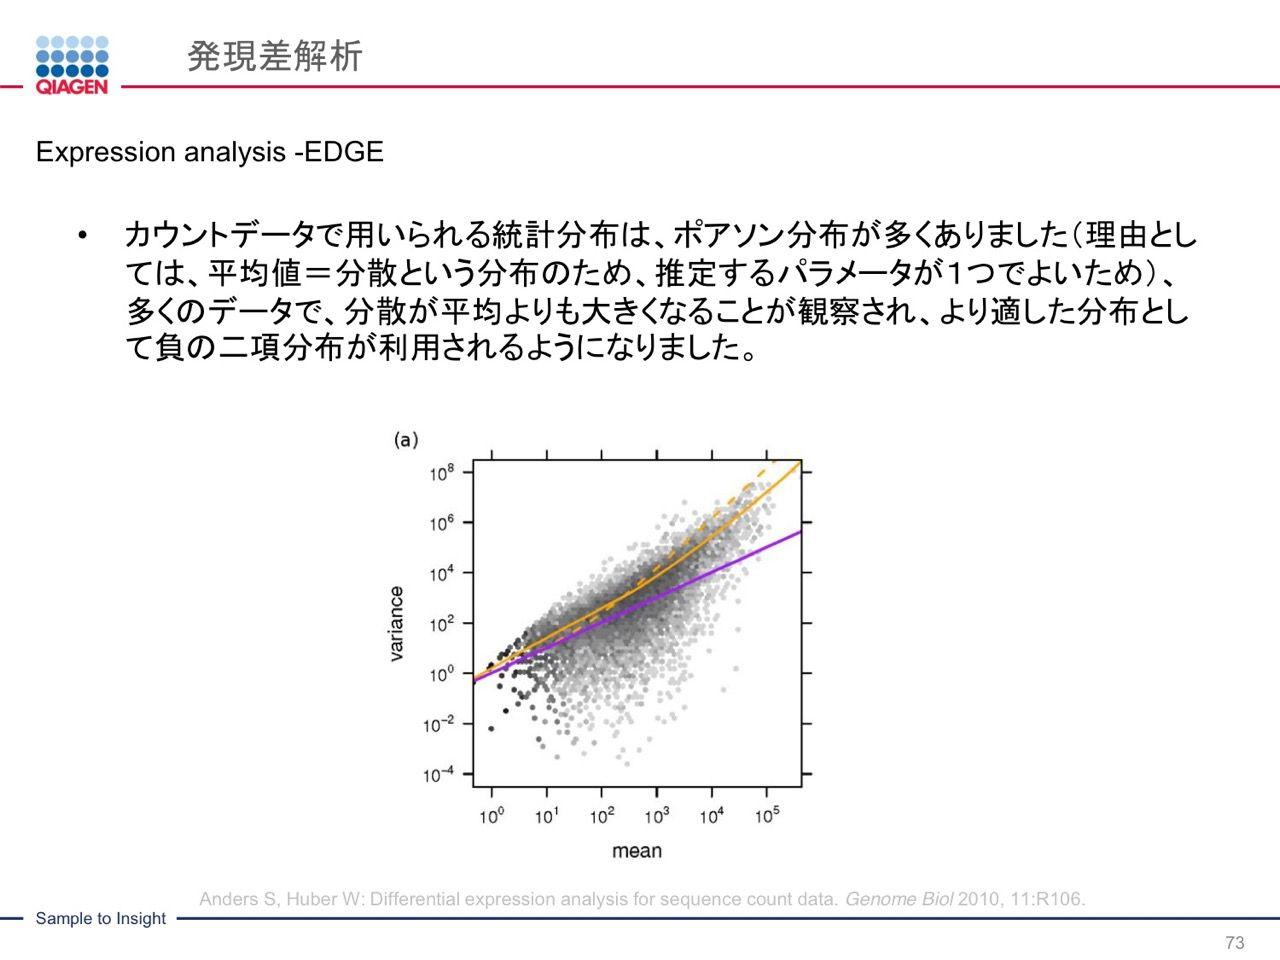 images/AJACSa2_miyamoto_073.jpg